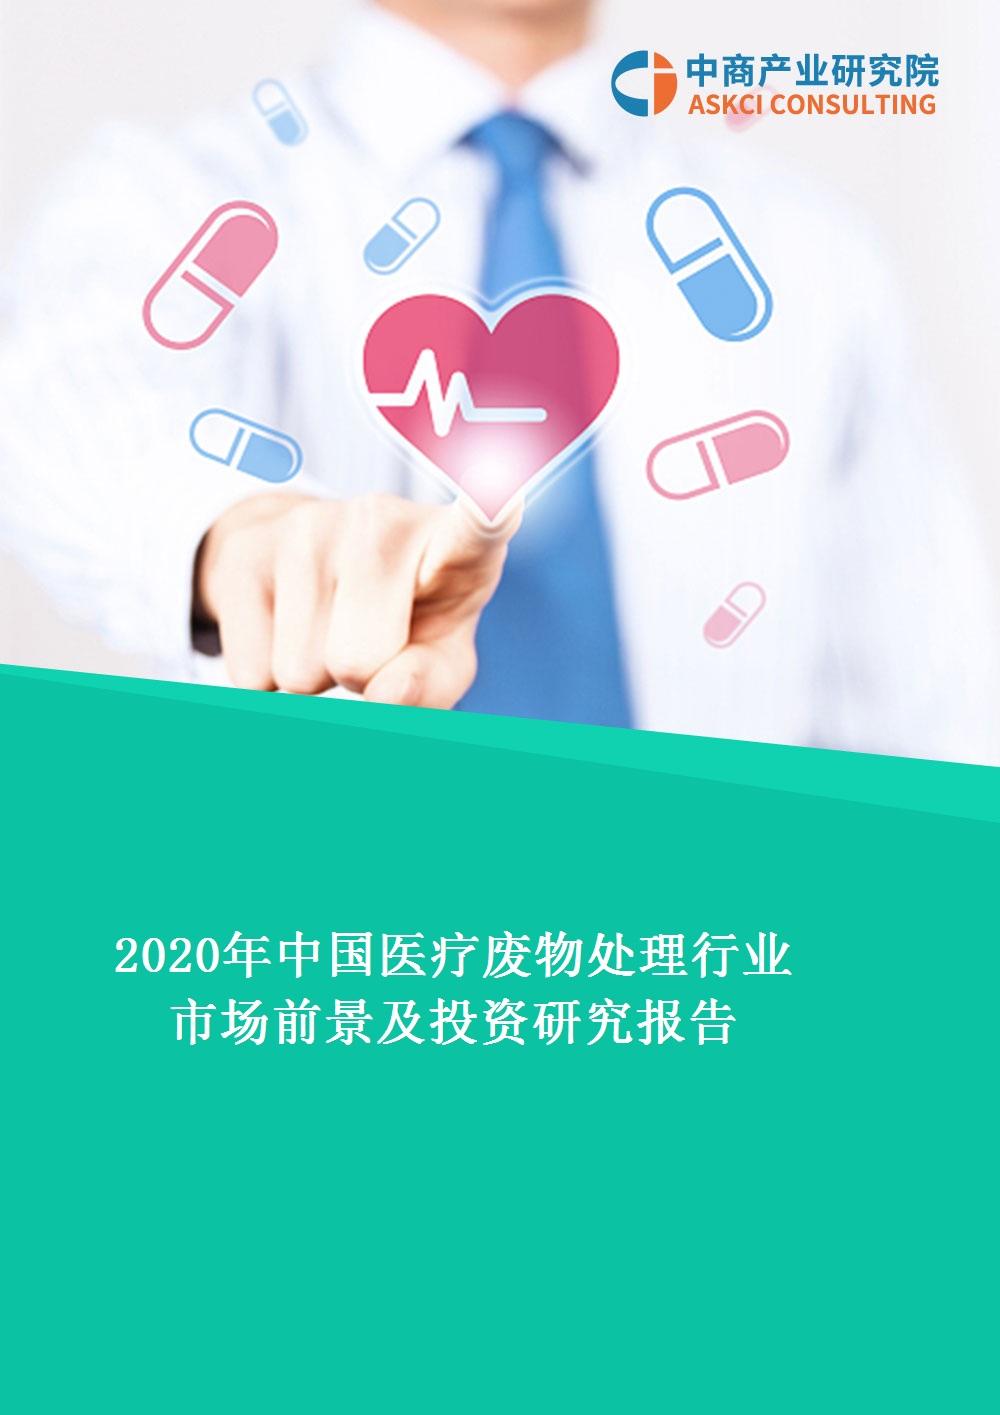 2020年中国医疗废物处理行业市场前景及投资研究报告